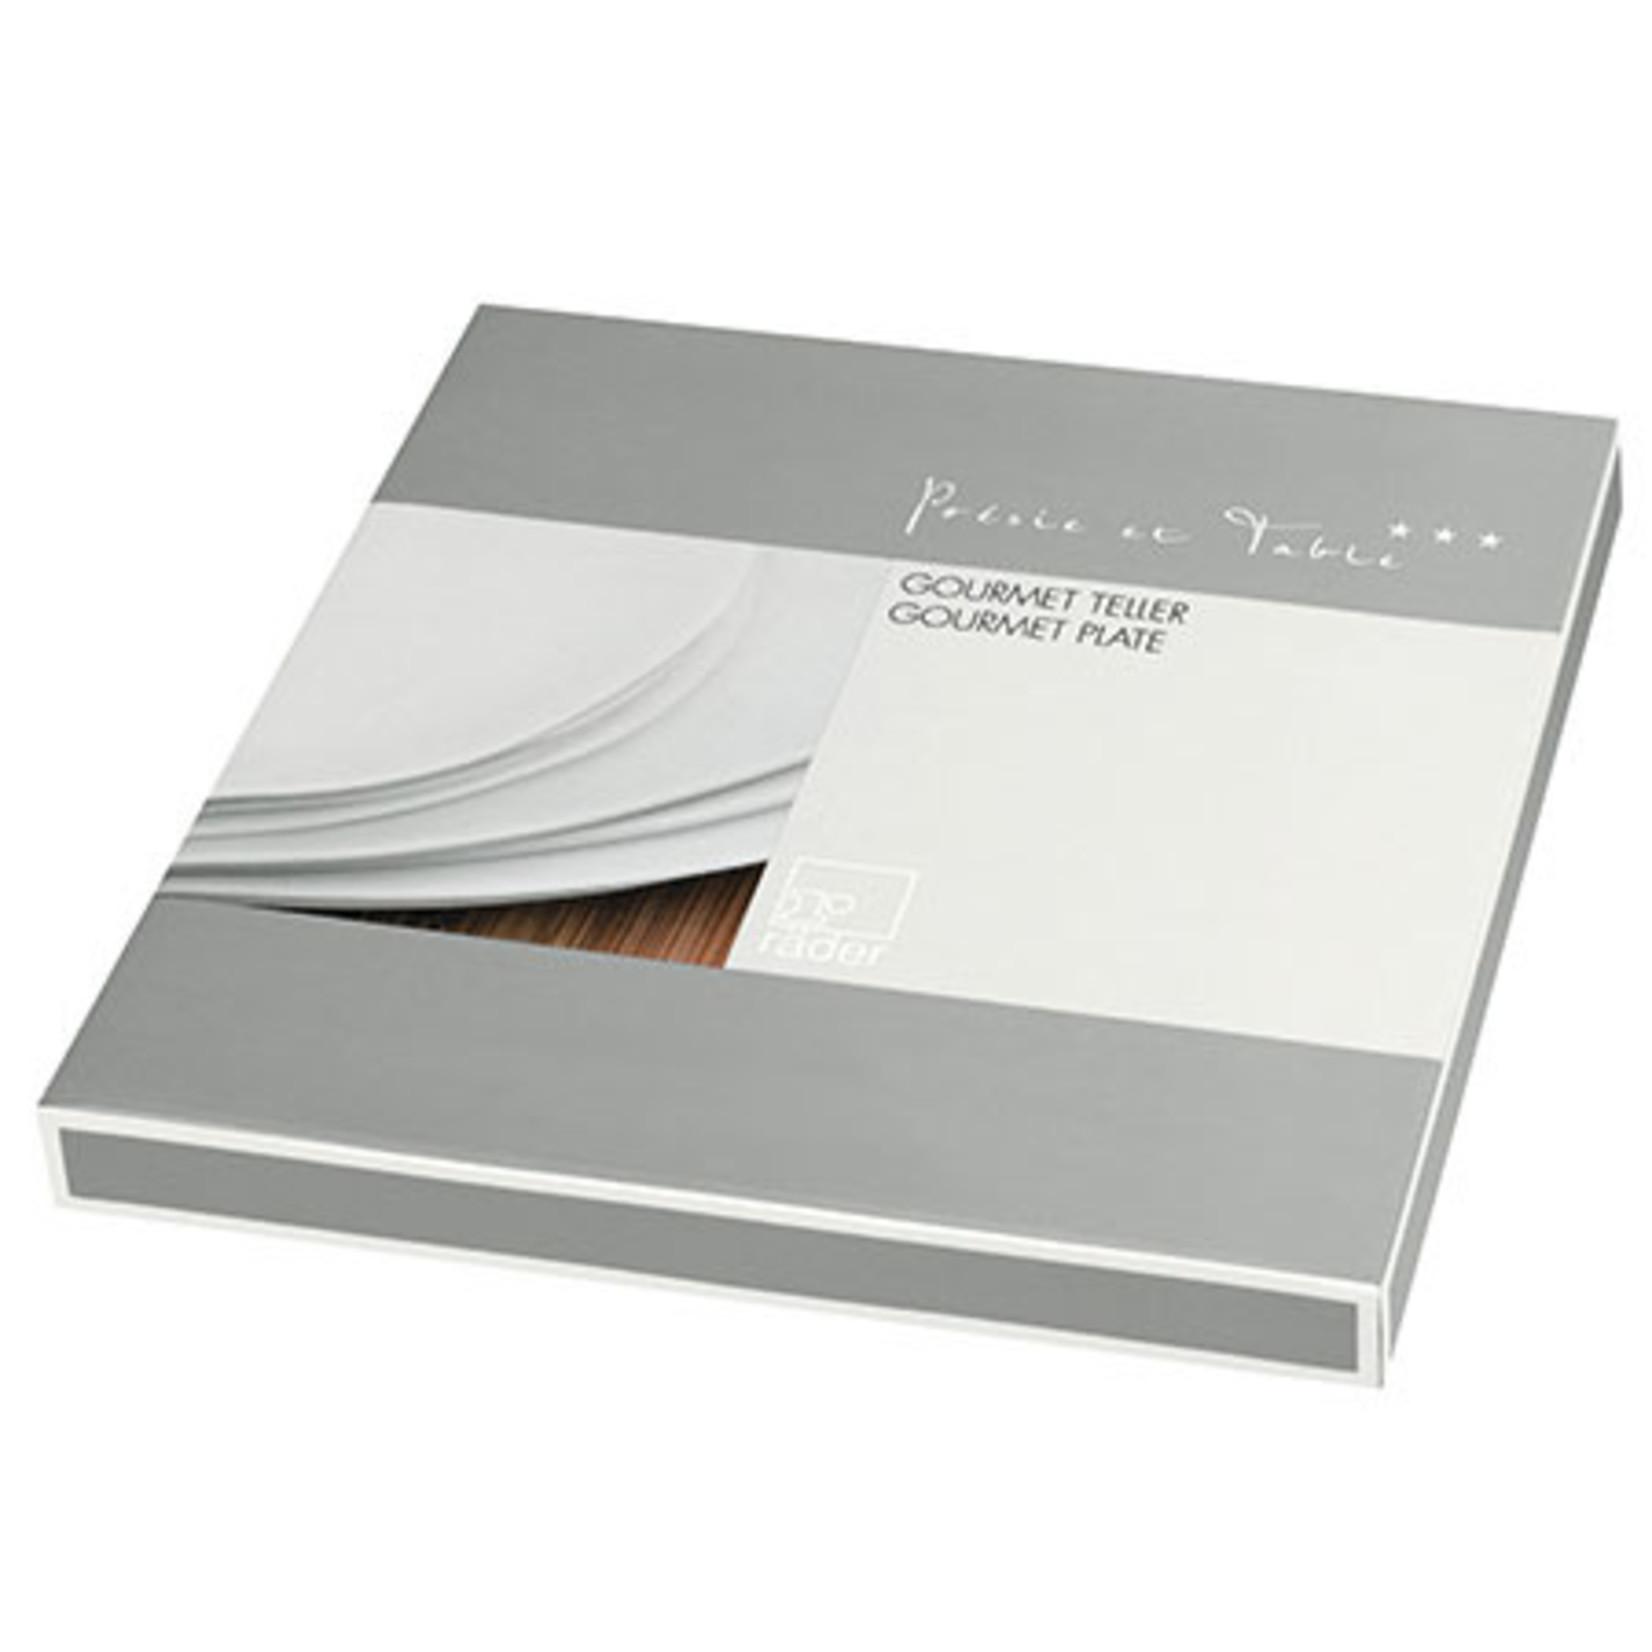 Räder Design Mix and Match Teller Guten Appetit